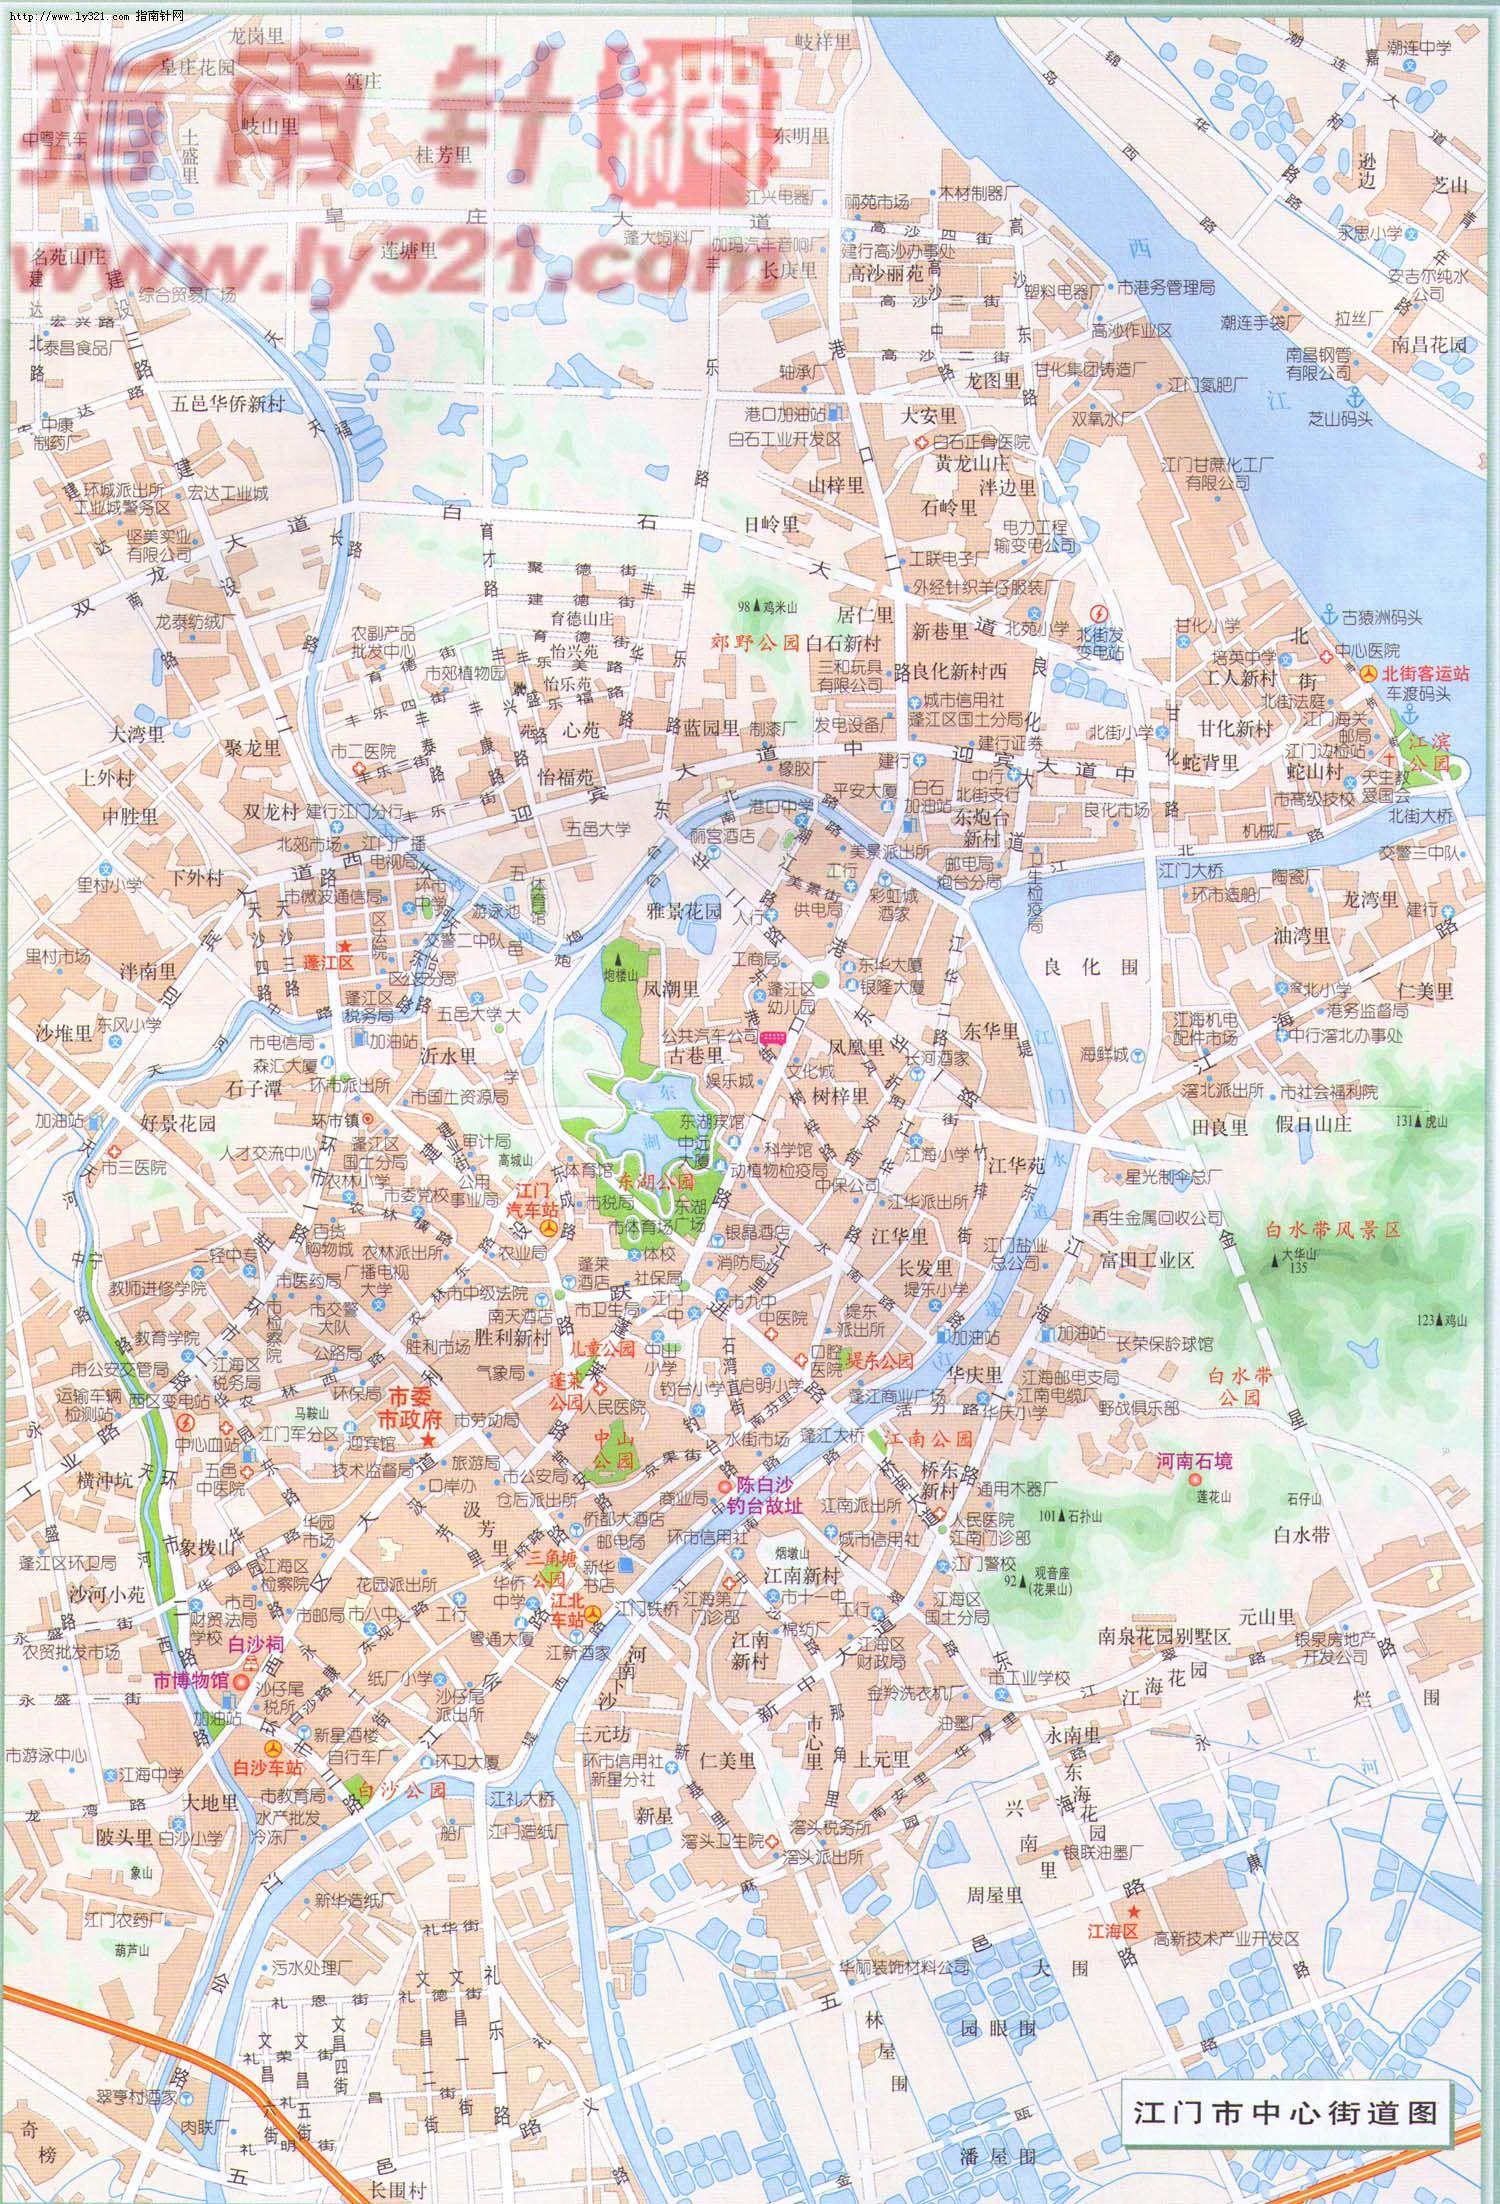 省江门市中心街道地图图片